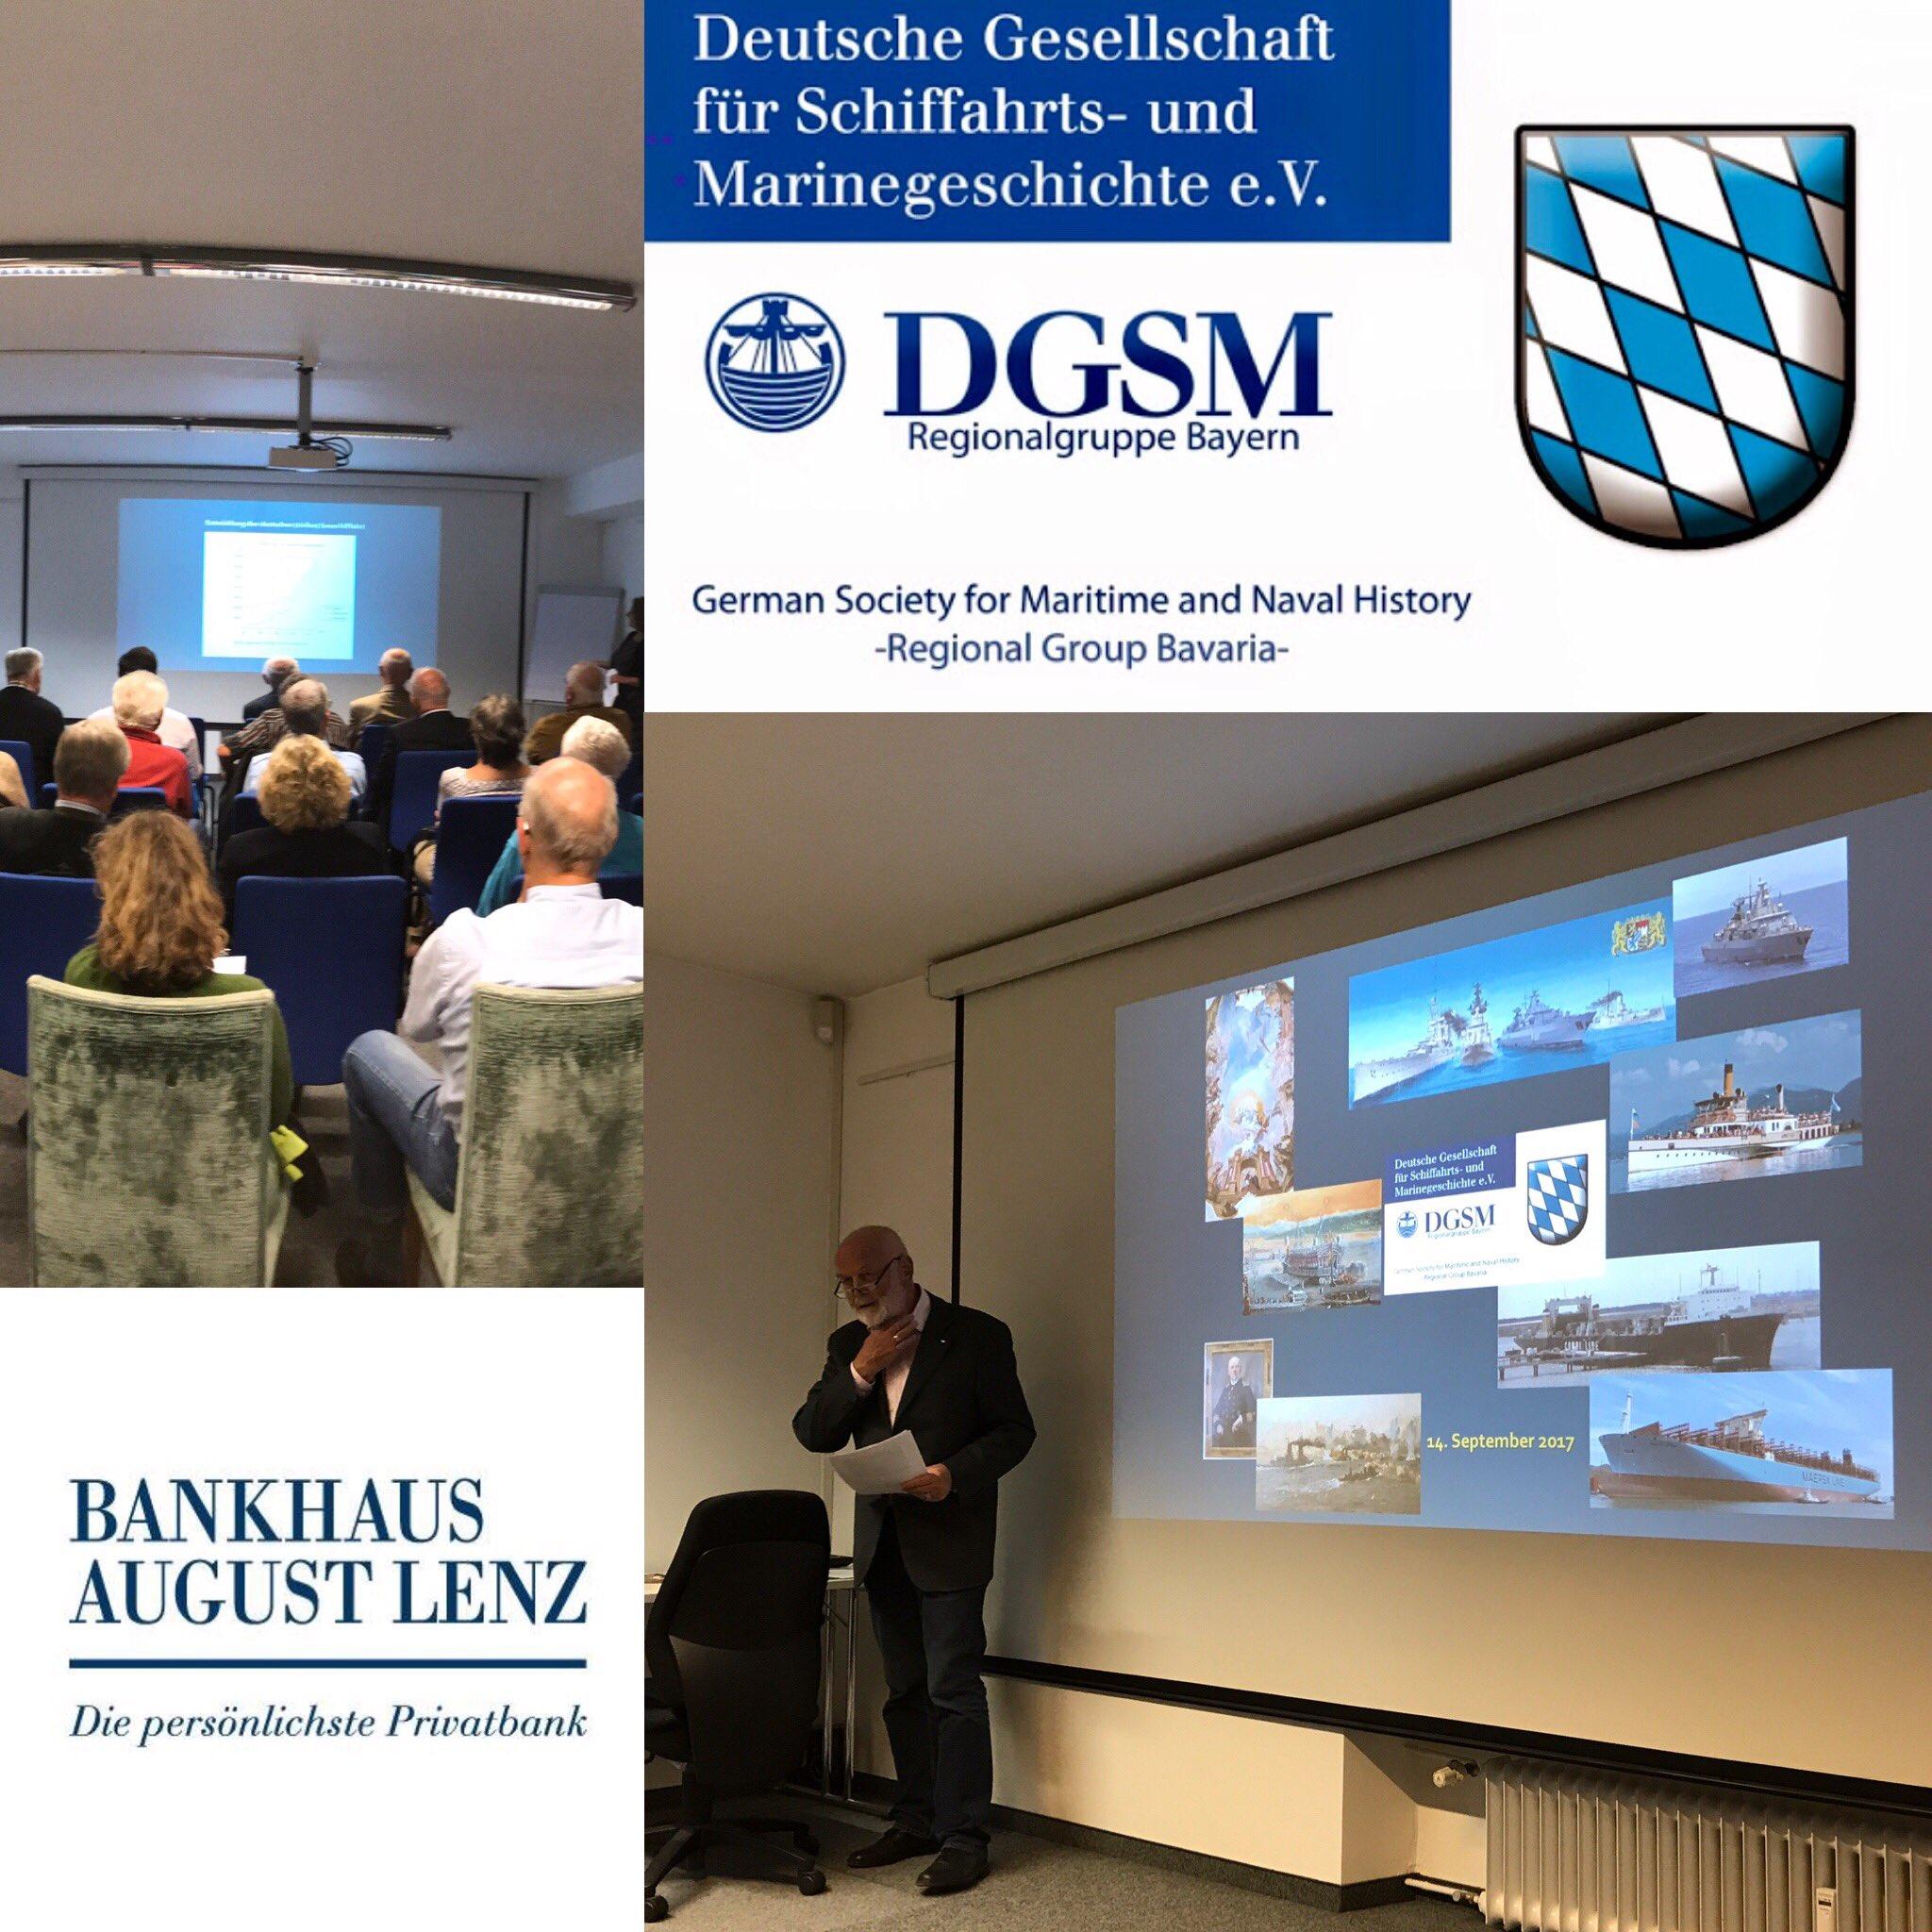 Die @DGSMBayern zu Gast bei @Banklenz in München mit inspirierenden maritimen Präsentationen. #Geschichte #Seefahrt https://t.co/iN7zJMPOkN